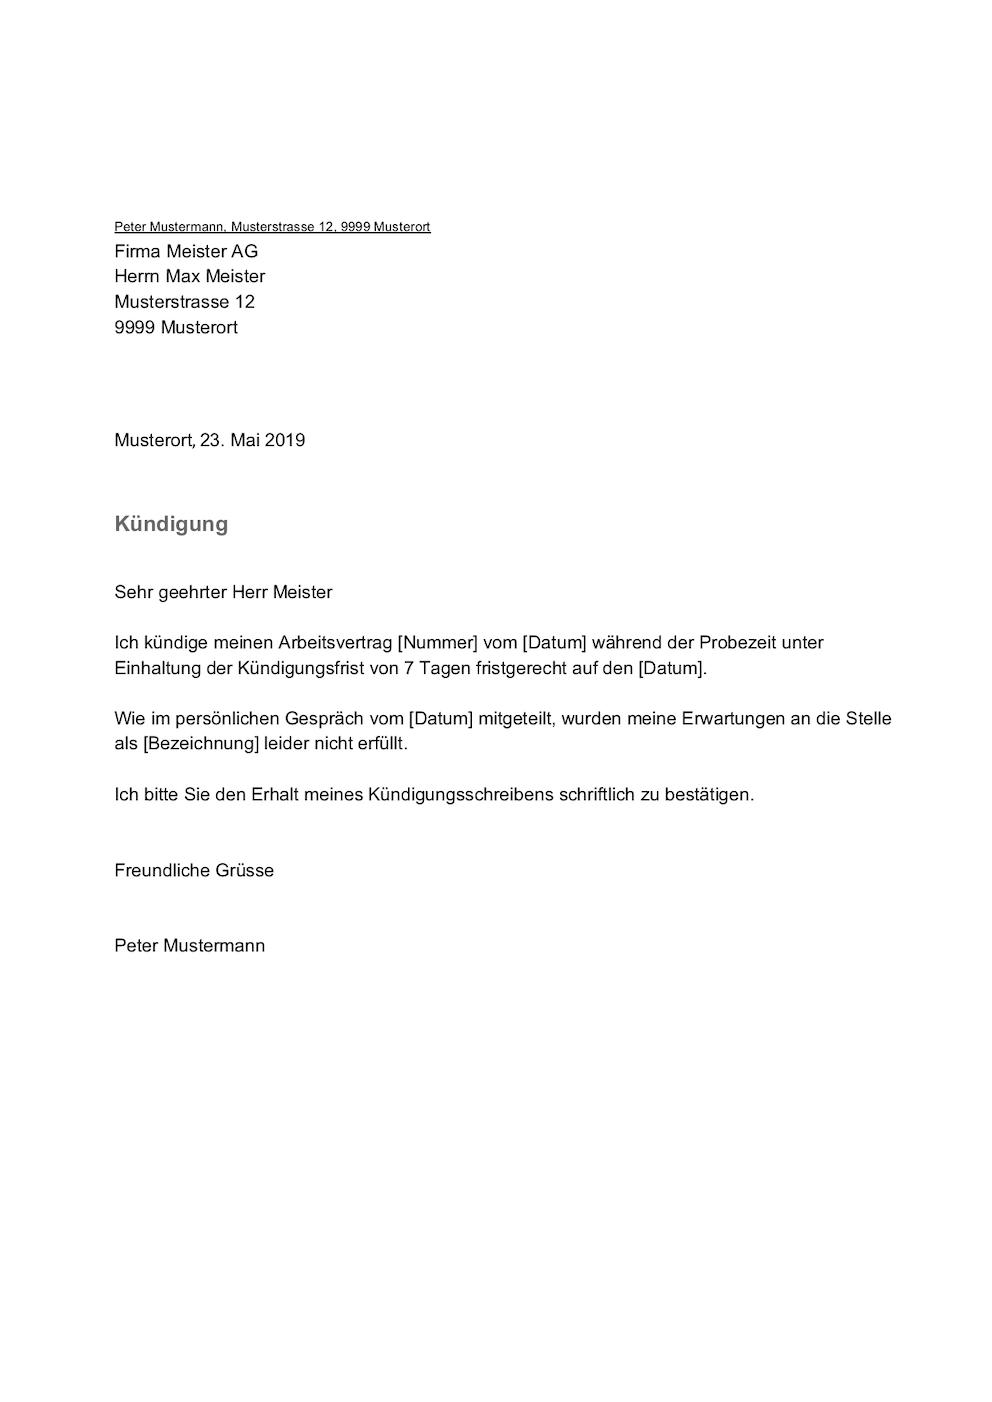 Fristlose Kundigung Durch Arbeitgeber Schweiz